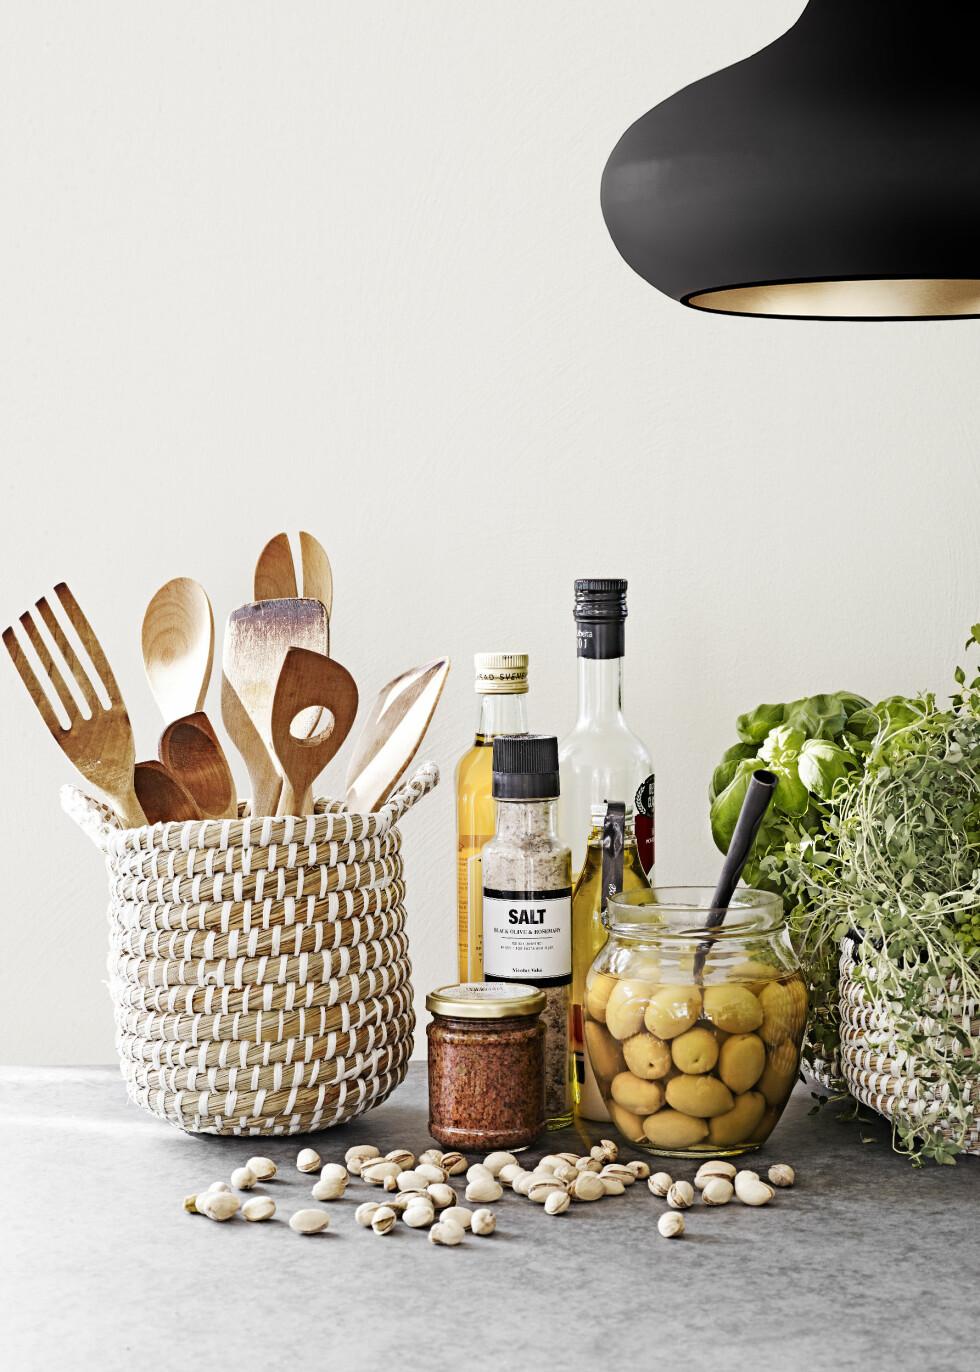 FOR ALLE SANSER: Slipp sommeren til i kjøkkenets vinduskarm og på benken. Litt pesto, olje og oliven til de lette salatene vi planlegger nå, fylt på fine flasker og krukker, gir deilig middelhavsstemning. Ekstra fint blir det med sommerlige kurver til urter og redskaper. Tips! Urter fra hagesentrene holder seg lenger enn urter fra daglivarebutikken. Dette fordi de er beregnet på dyrking i motsetning til å spises umiddelbart. Foto: Sara Svenningrud